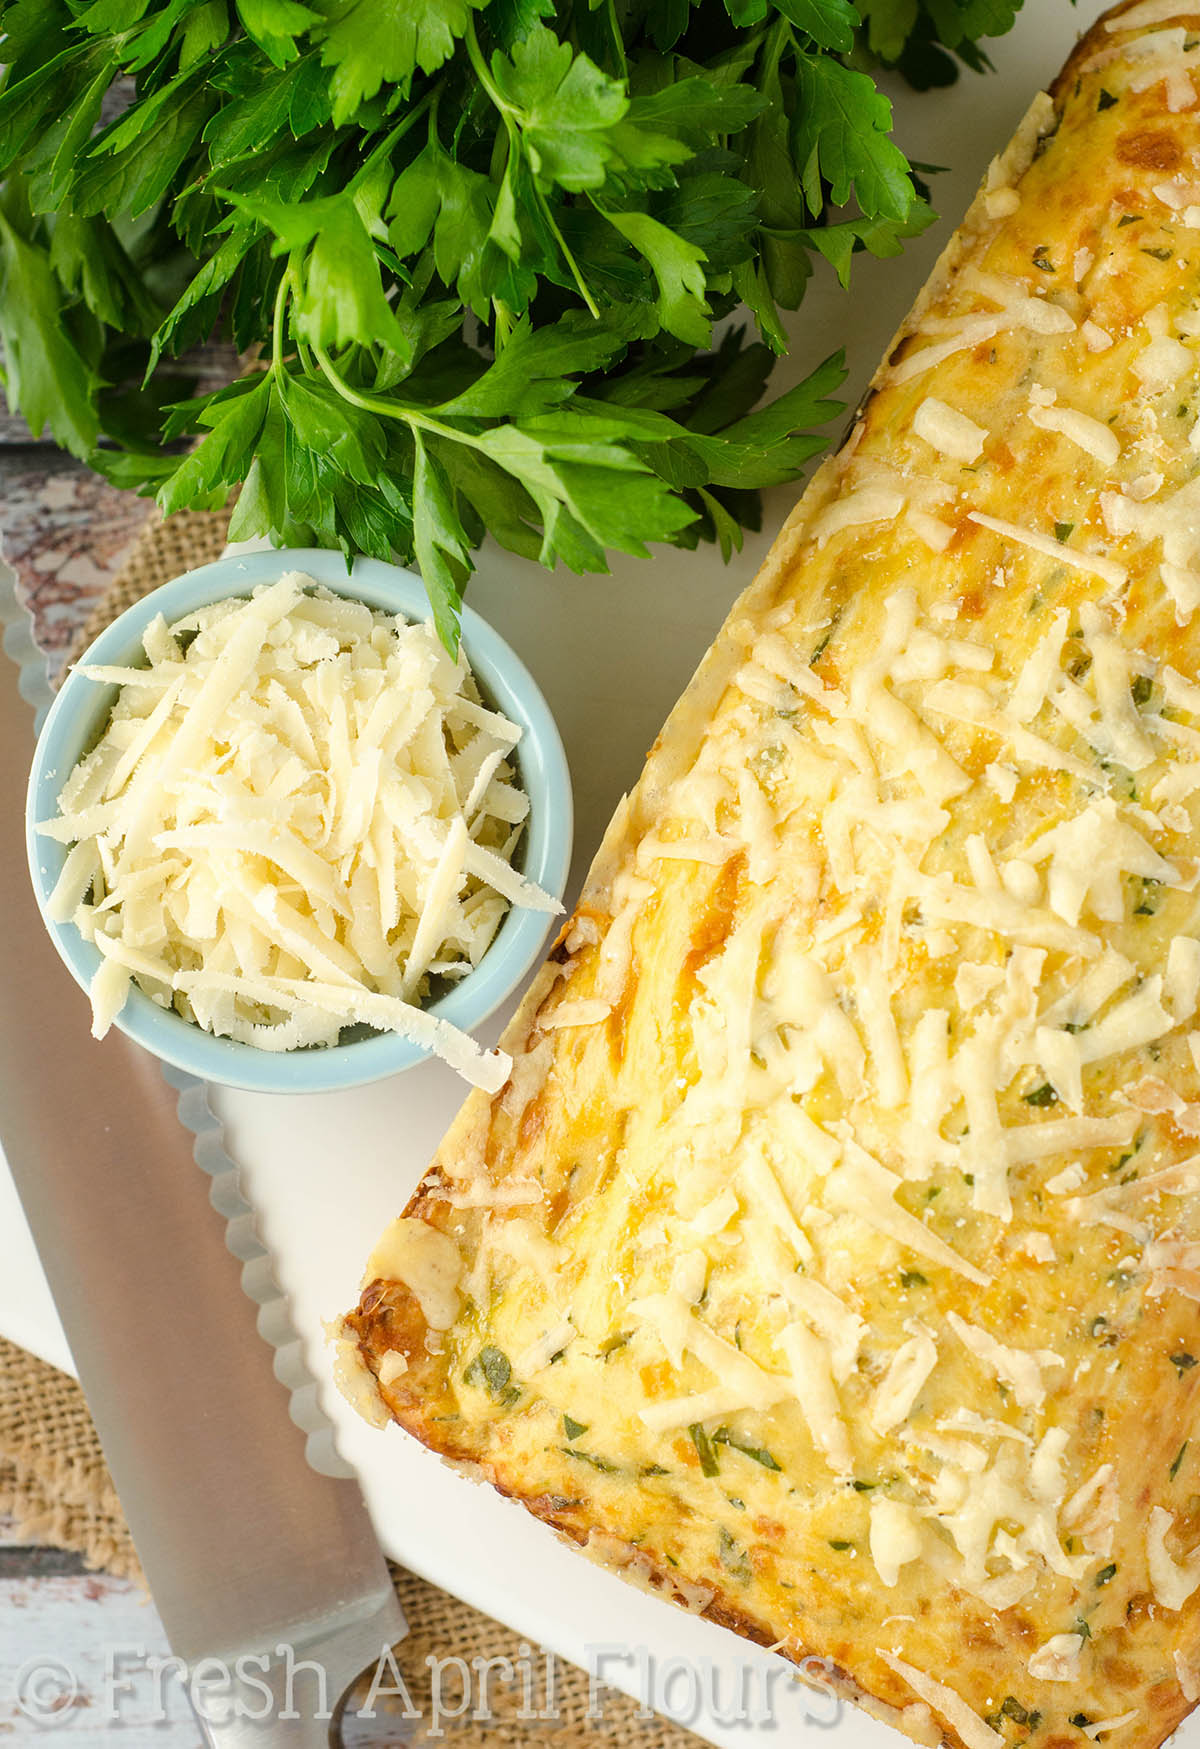 Eva's Parmesan Parsley Bread